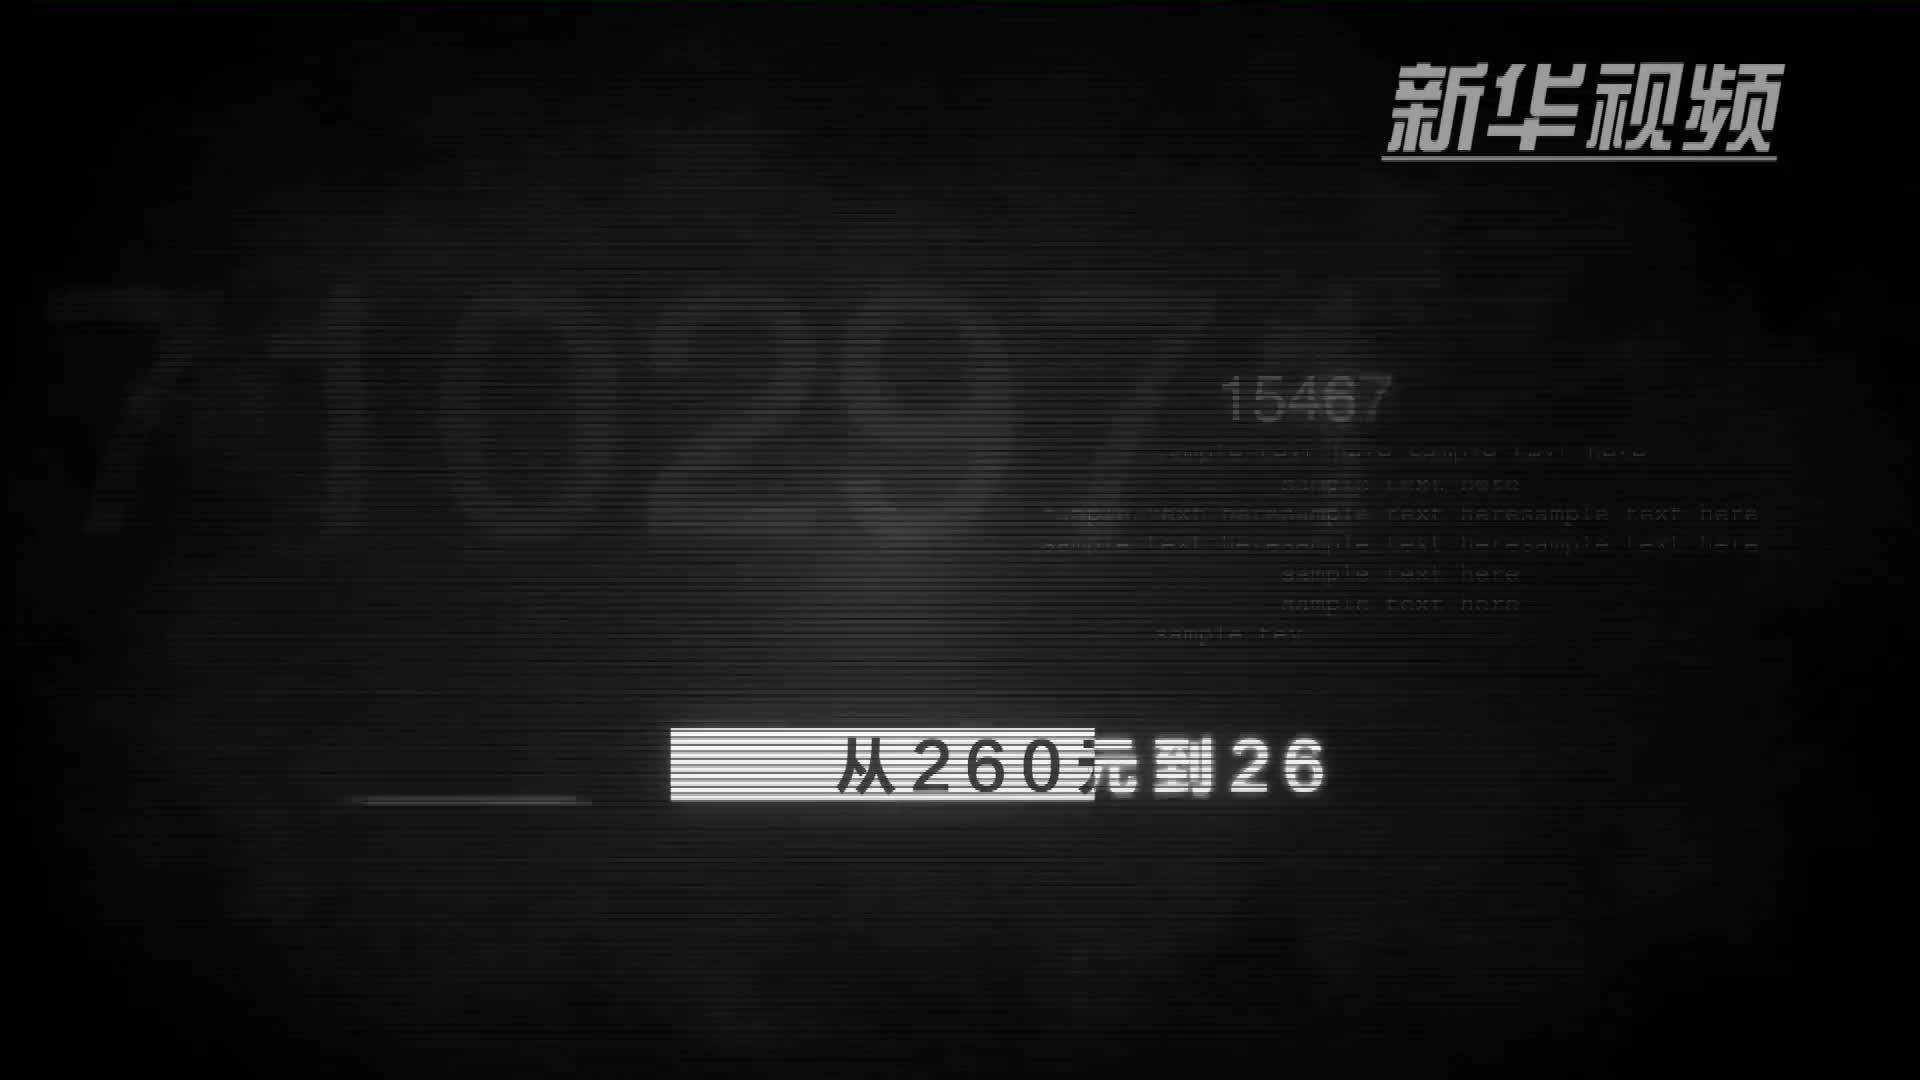 """进价260售价2650,江苏一公立医院卖""""天价鞋垫""""!刚刚医院回应了"""